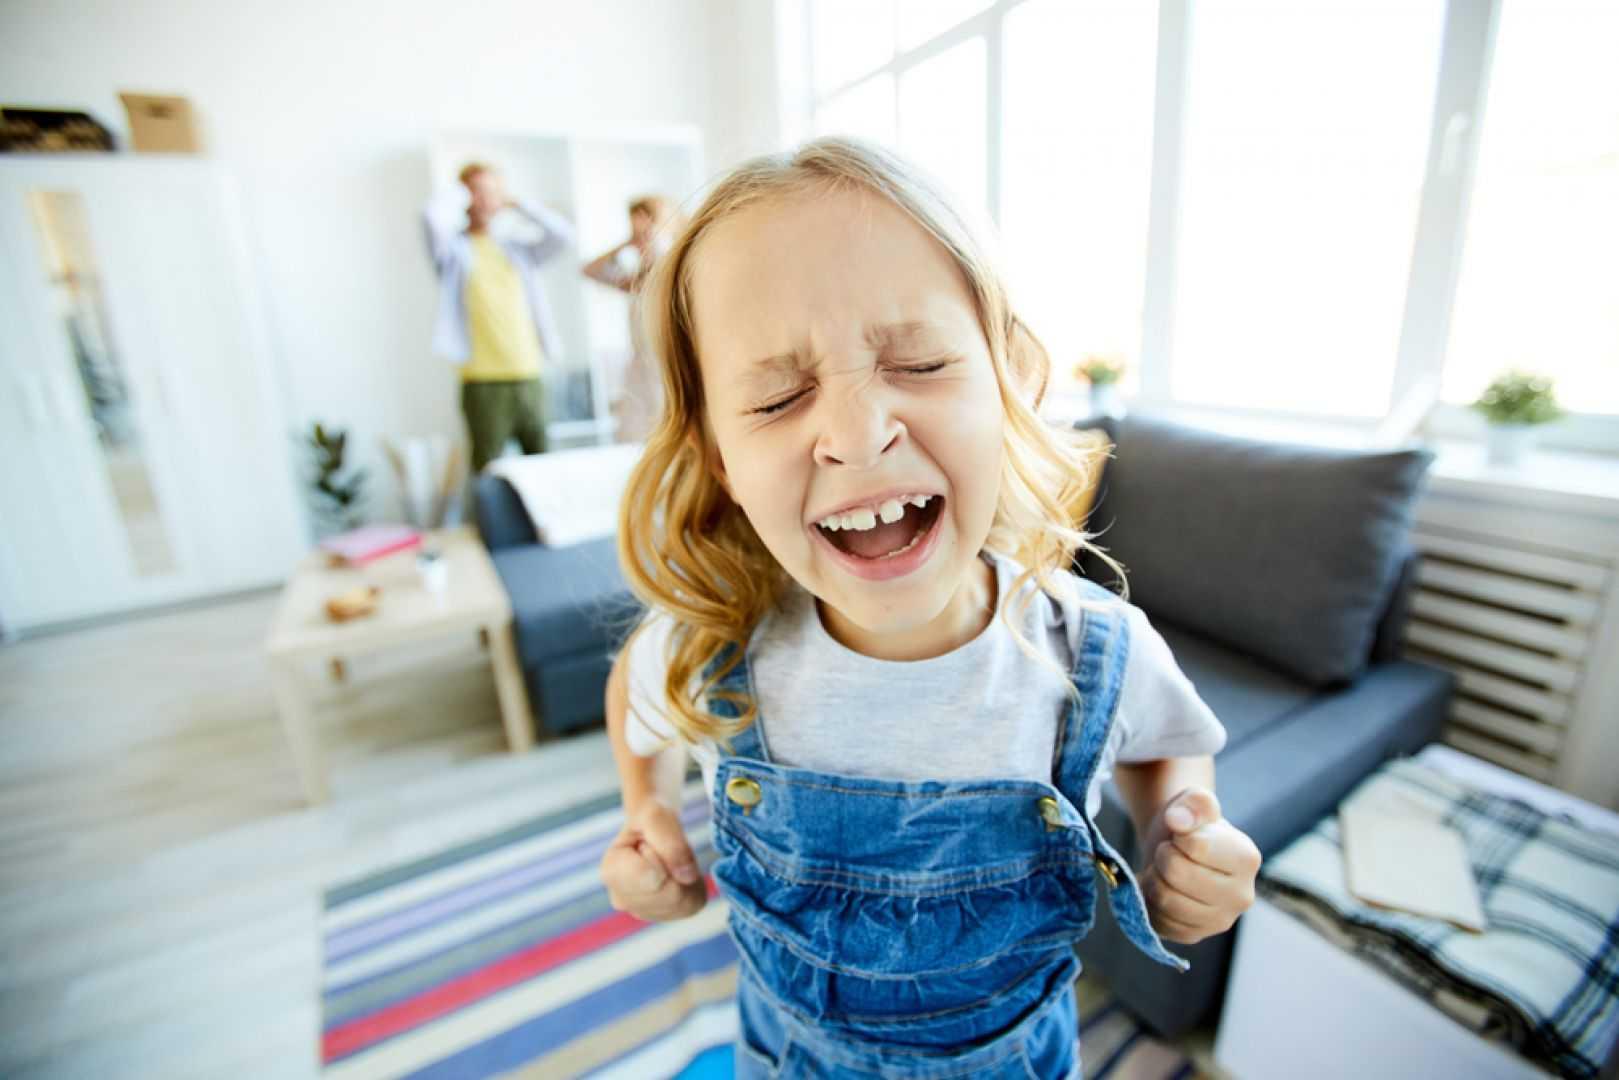 «немедленно прекрати плакать!» и еще 10 ошибок родителей во время детской истерики | православие и мир